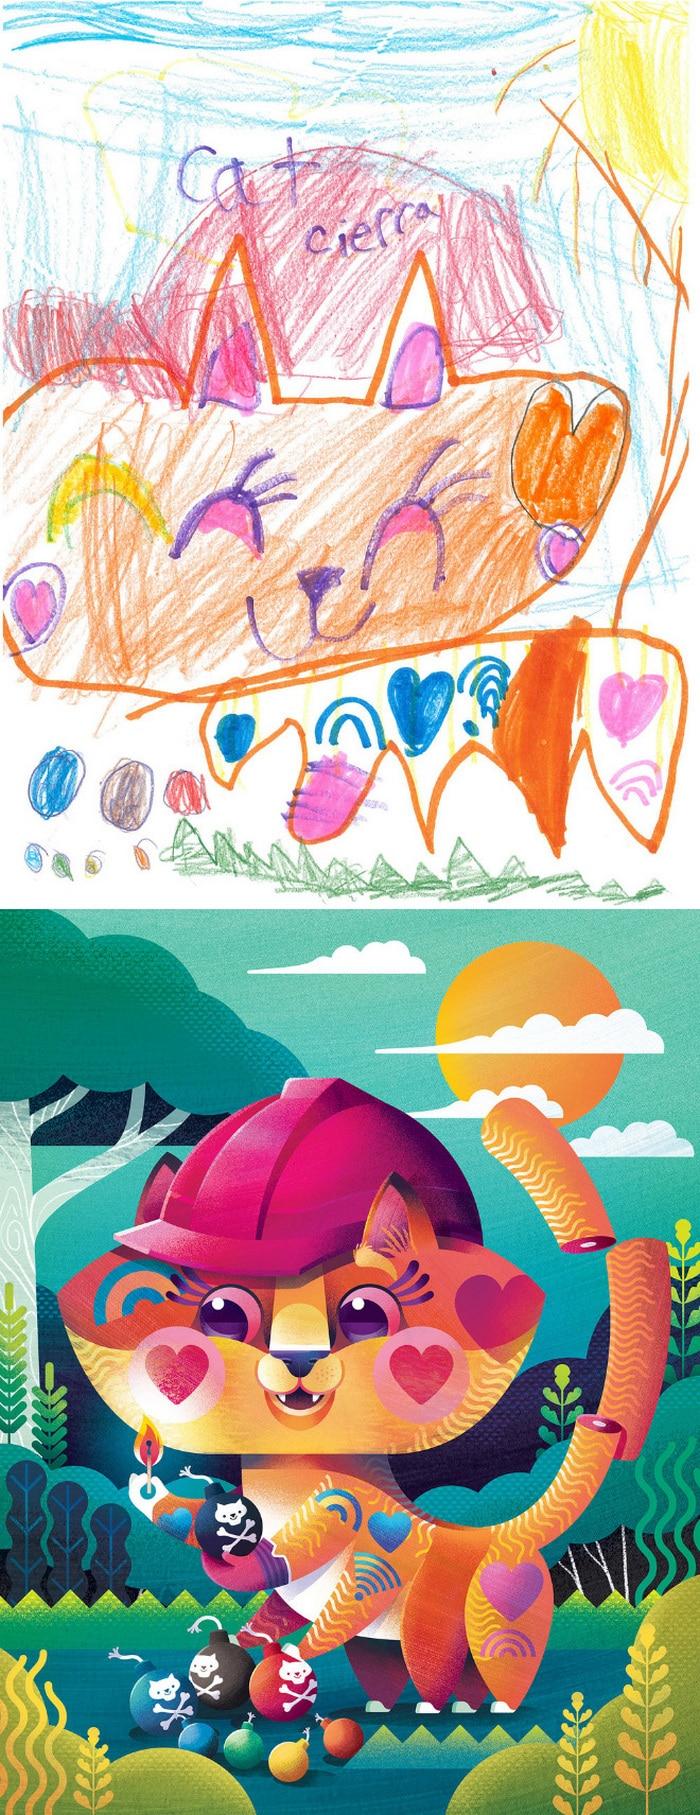 Projeto Monstro - Crianças desenham monstros e artistas recriam com sua arte 10